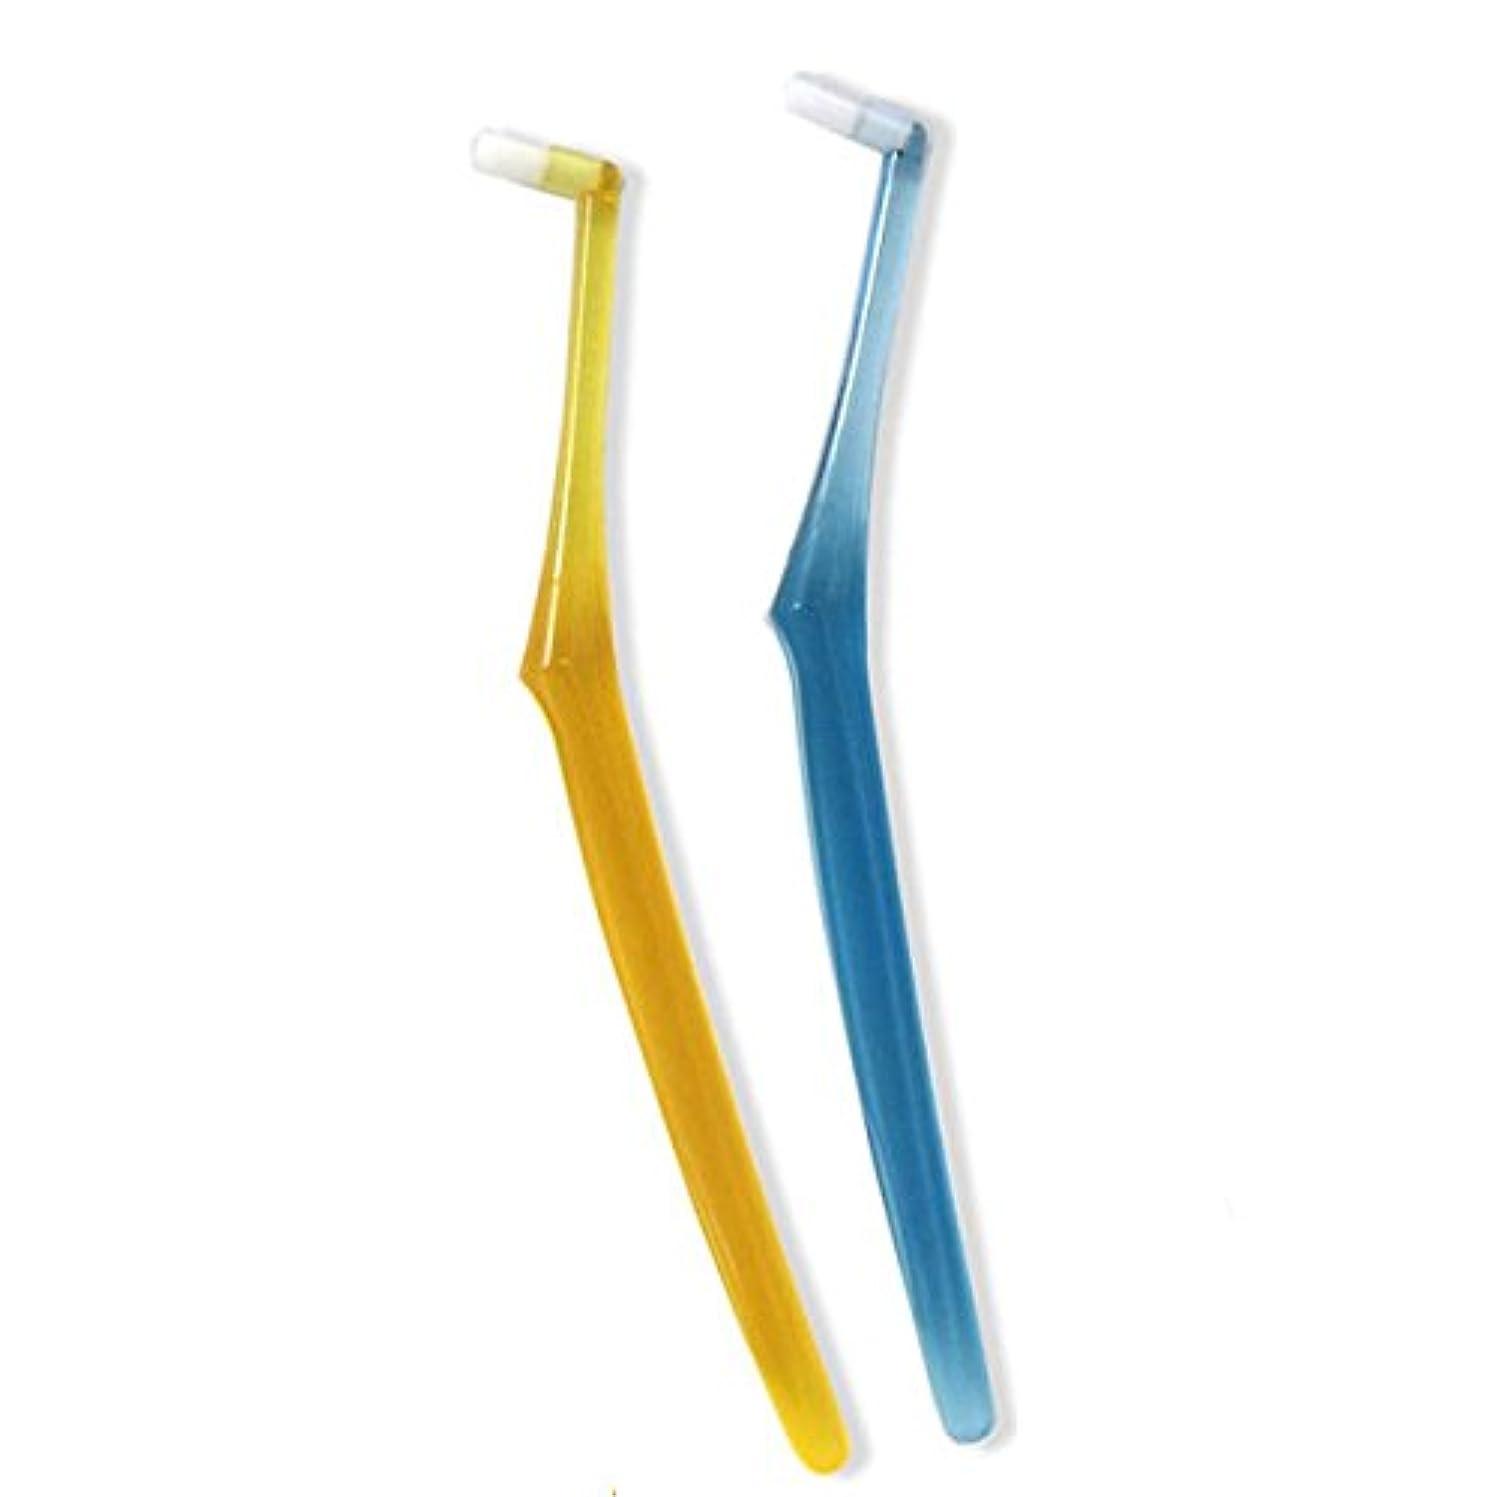 サイクルピーク恨み【ワンタフト】 オーラルケア インプロ インプラント専用 歯ブラシ 24本セット (US(ウルトラソフト))